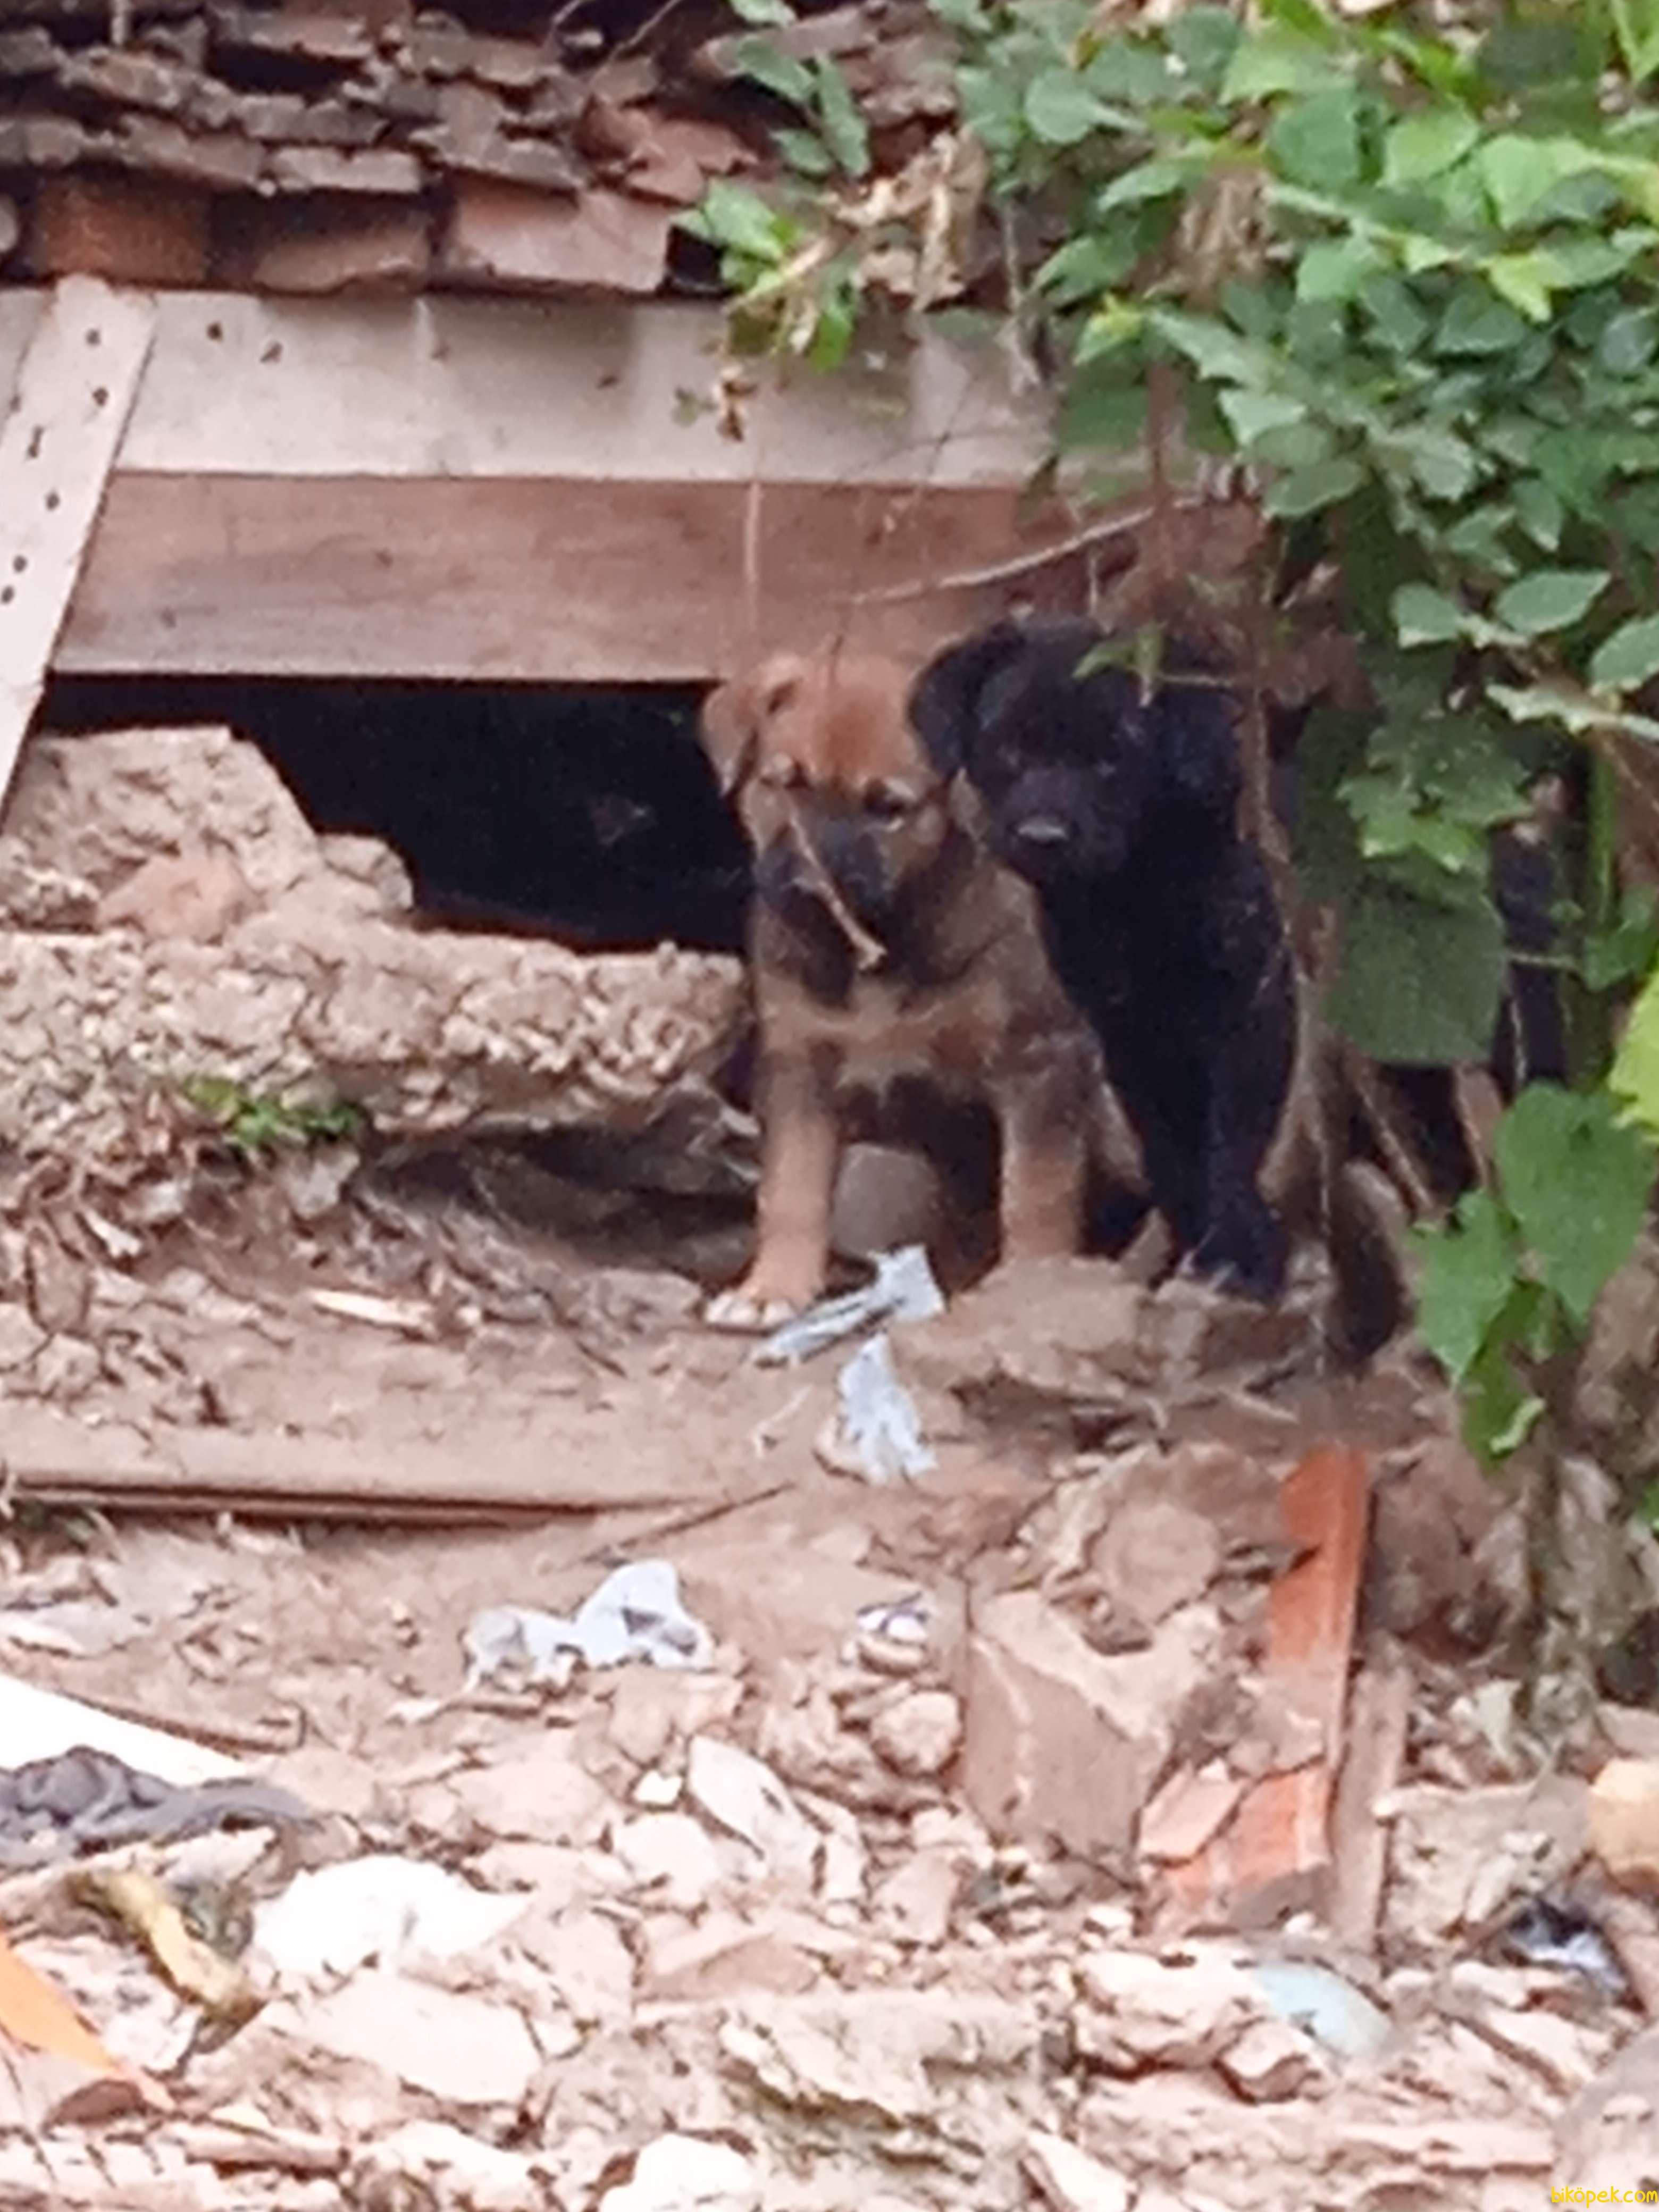 Köpek Sokak Köpeği Ama Köpekler Sağlıklı Sahiplendiricem 2